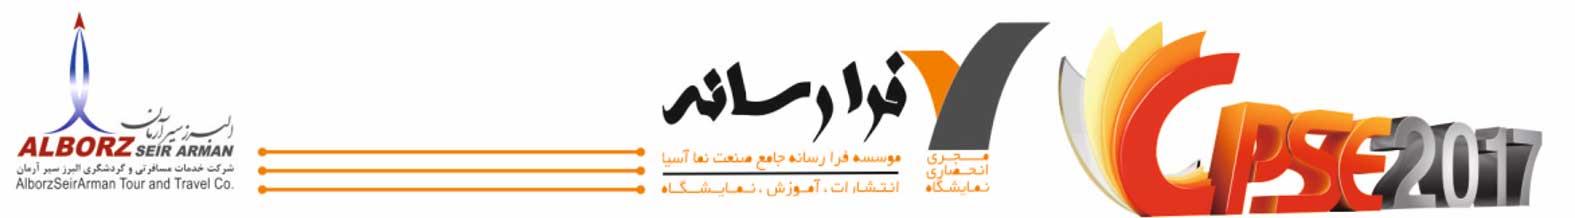 تور بازدید از بزرگترین نمایشگاه تجهیزات امنیتی و ایمنی ایران